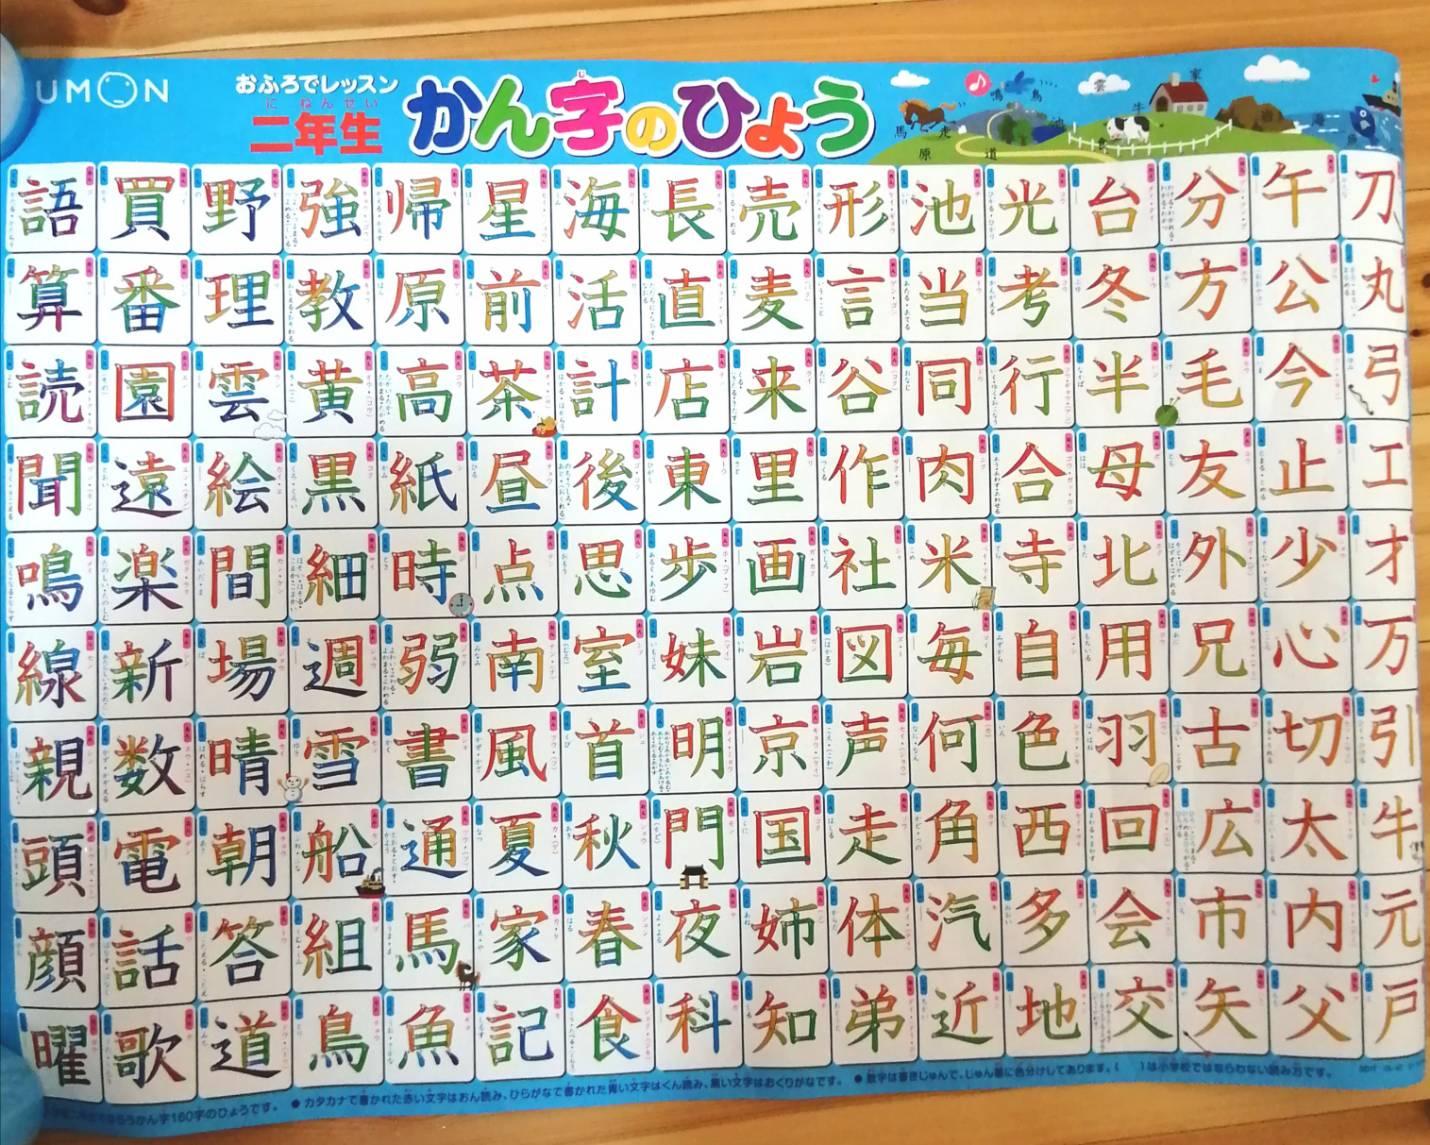 お風呂で愛用漢字ポスター公文のお風呂ポスター